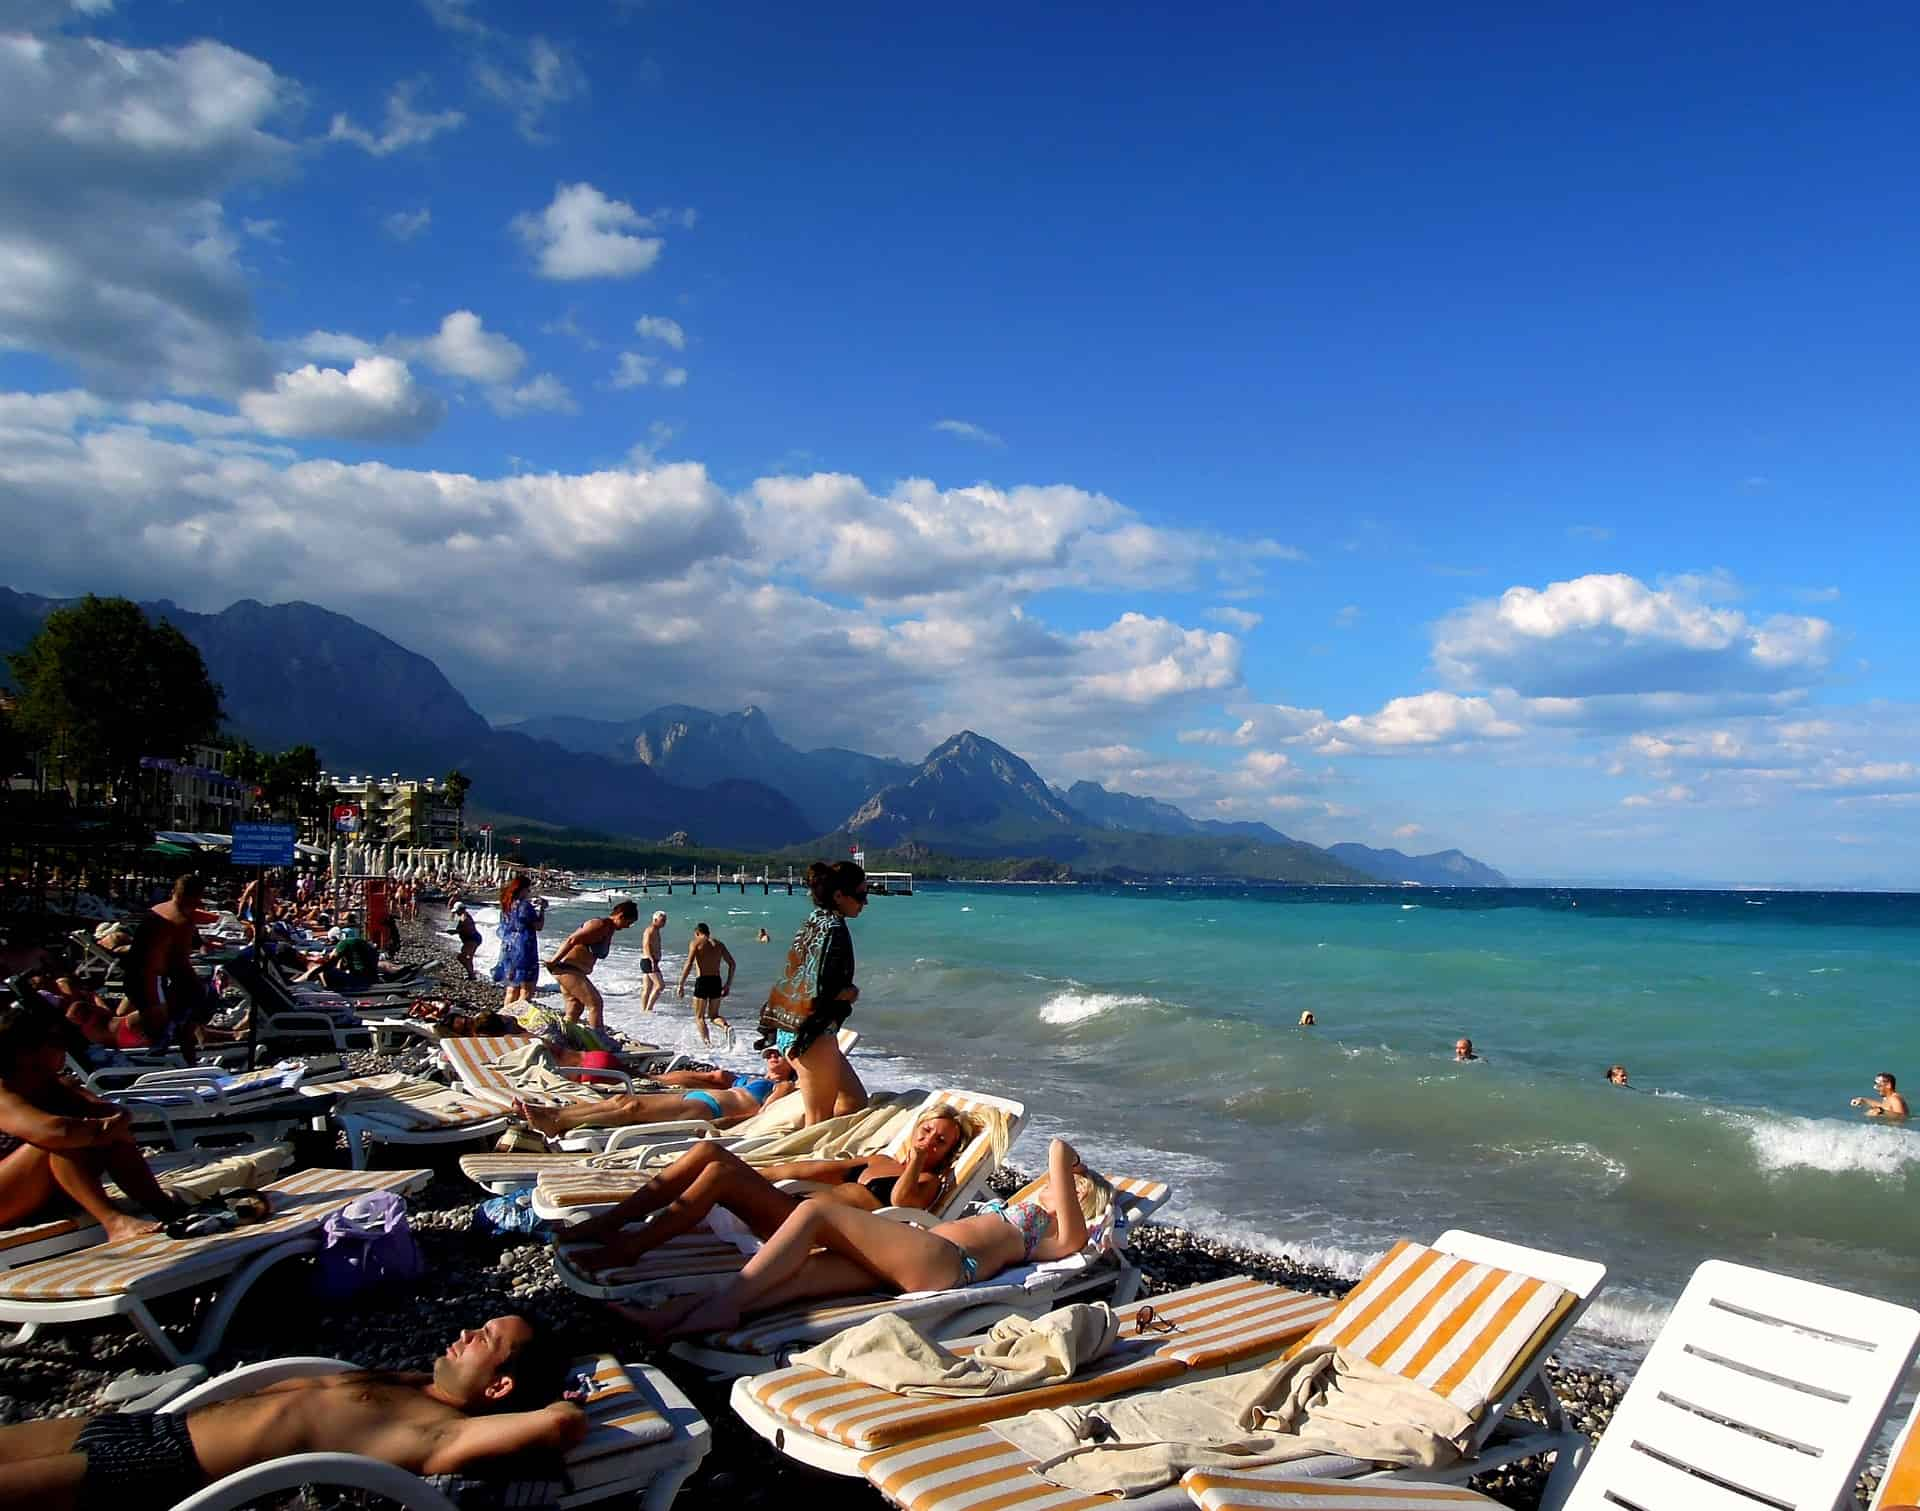 Kemer Urlaub - 5 Sterne All Inclusive nur 198,00€ Pauschalreise